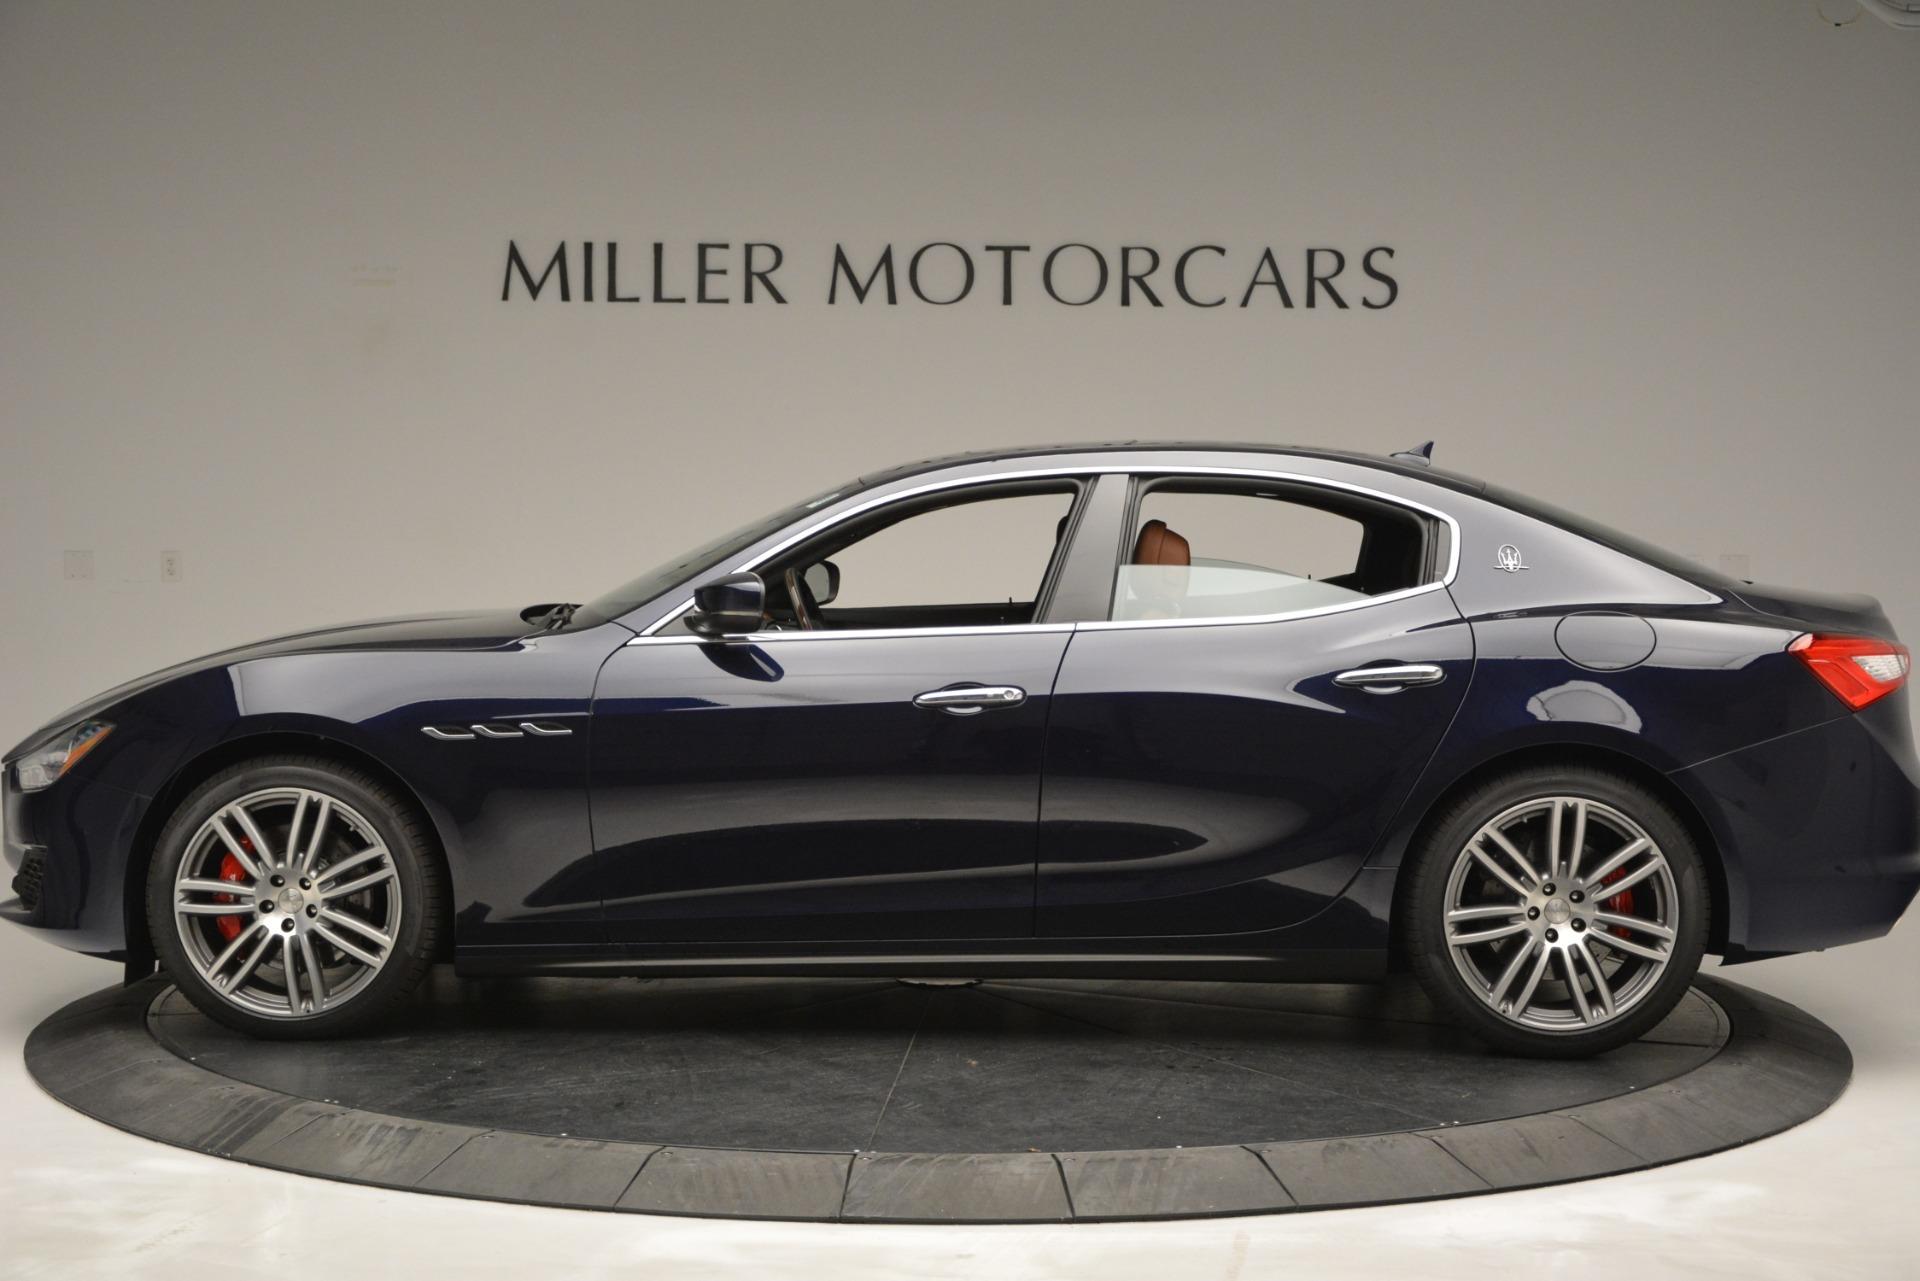 New 2019 Maserati Ghibli S Q4 For Sale In Greenwich, CT 2738_p3